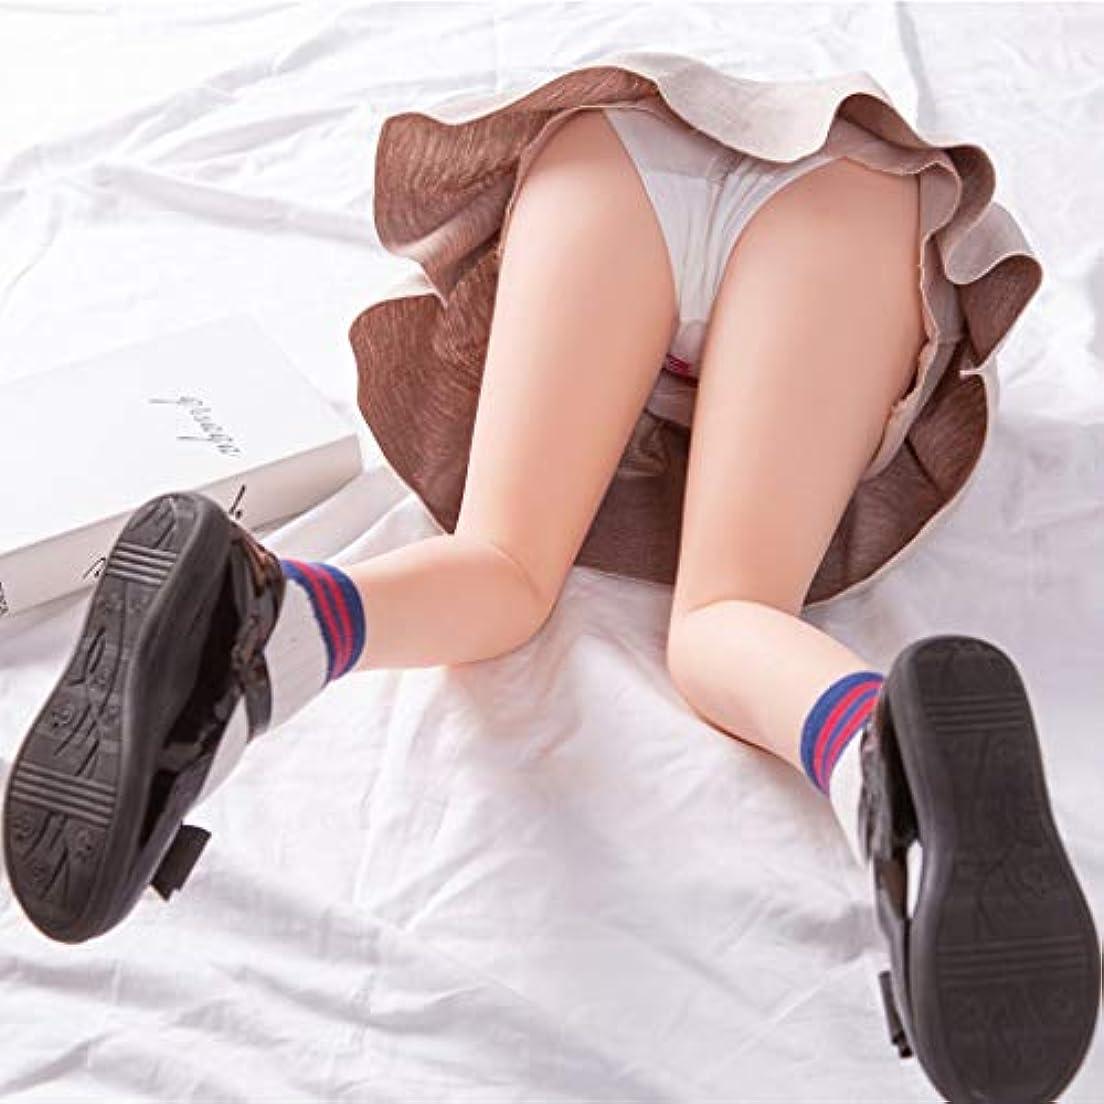 効率的に早く機転男性のための現実的なポケットP`üššýes胸、内蔵のスケルトンライフサイズと大人のおもちゃ、フルサイズの女性トルソー2つの穴と、男性セルフプレイのための無料ハンズ (Size : 60cm)